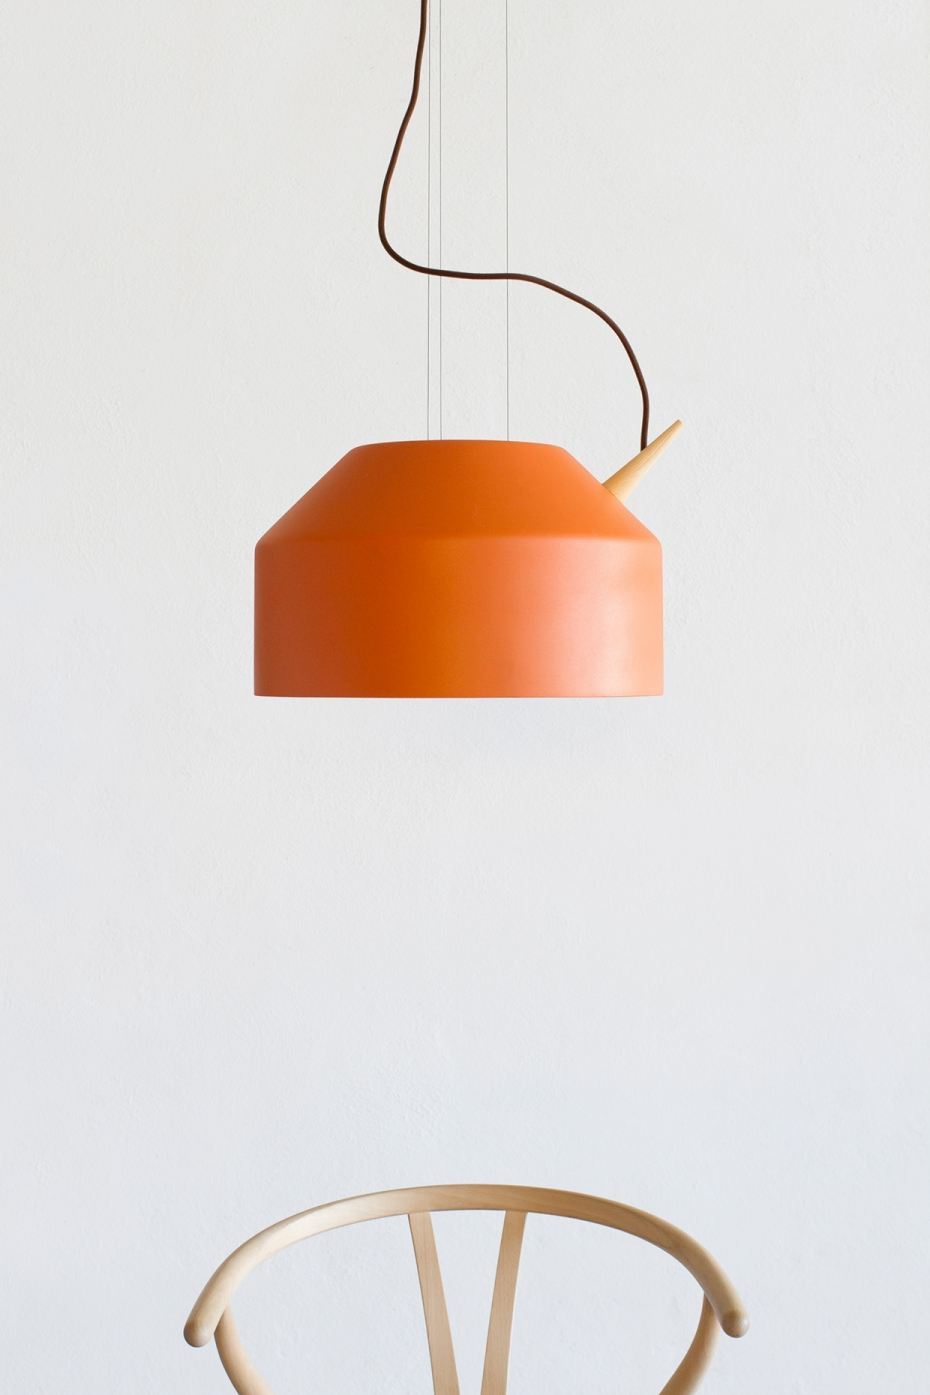 Designerska lampa wisząca Reeno w kolorze pomarańczowym.